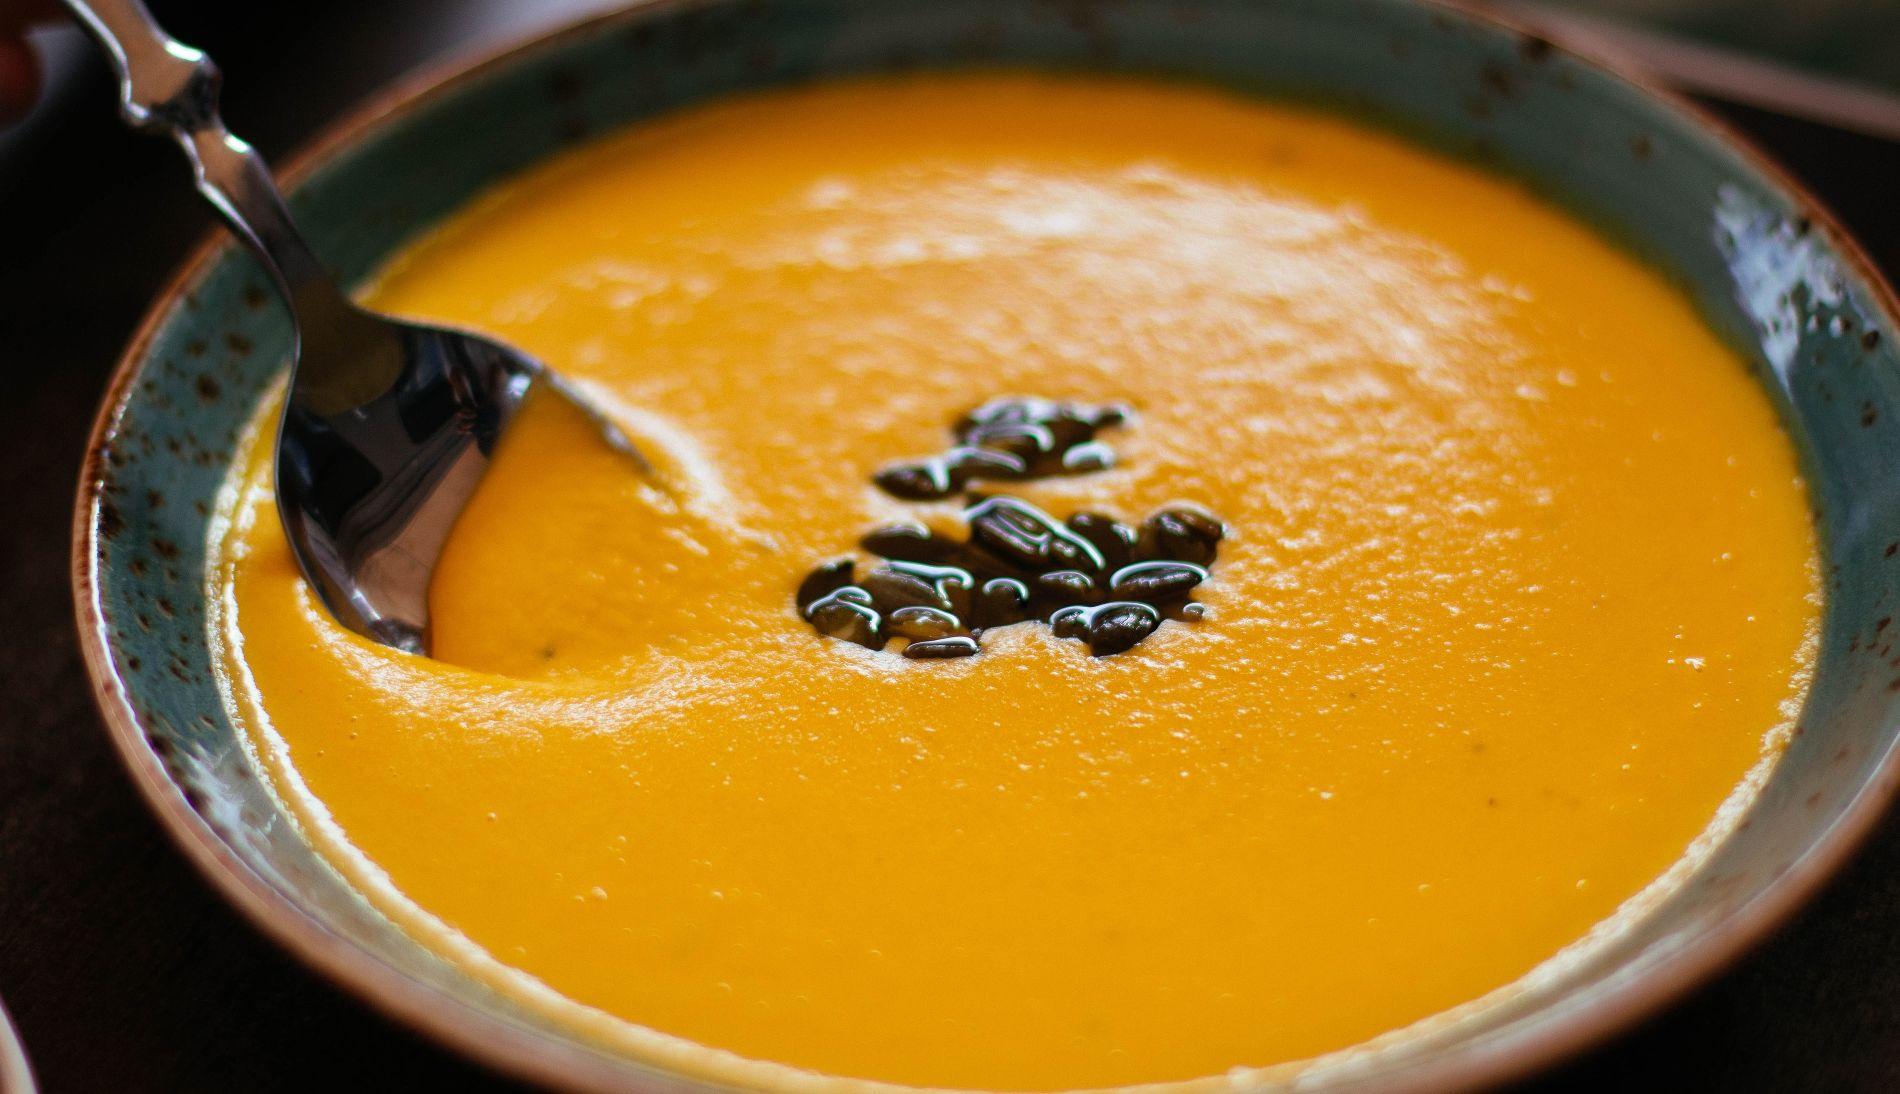 Тыквенный крем-суп © Фото Valeria с сайта pexels.com